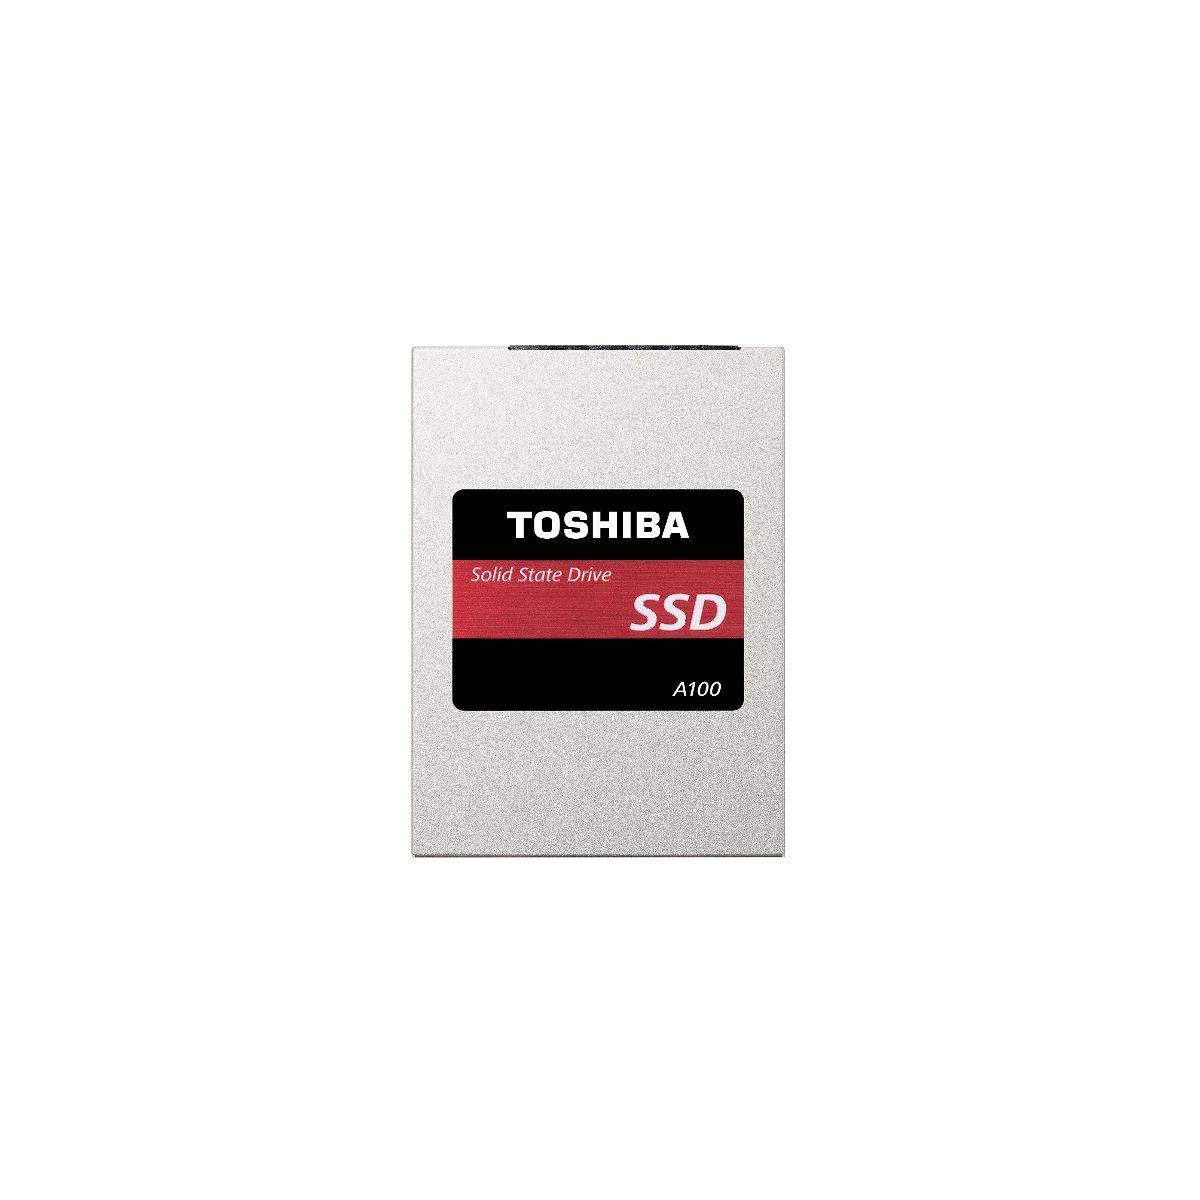 Disque ssd interne toshiba ssd 240go a100 - 2% de remise imm�diate avec le code : fete2